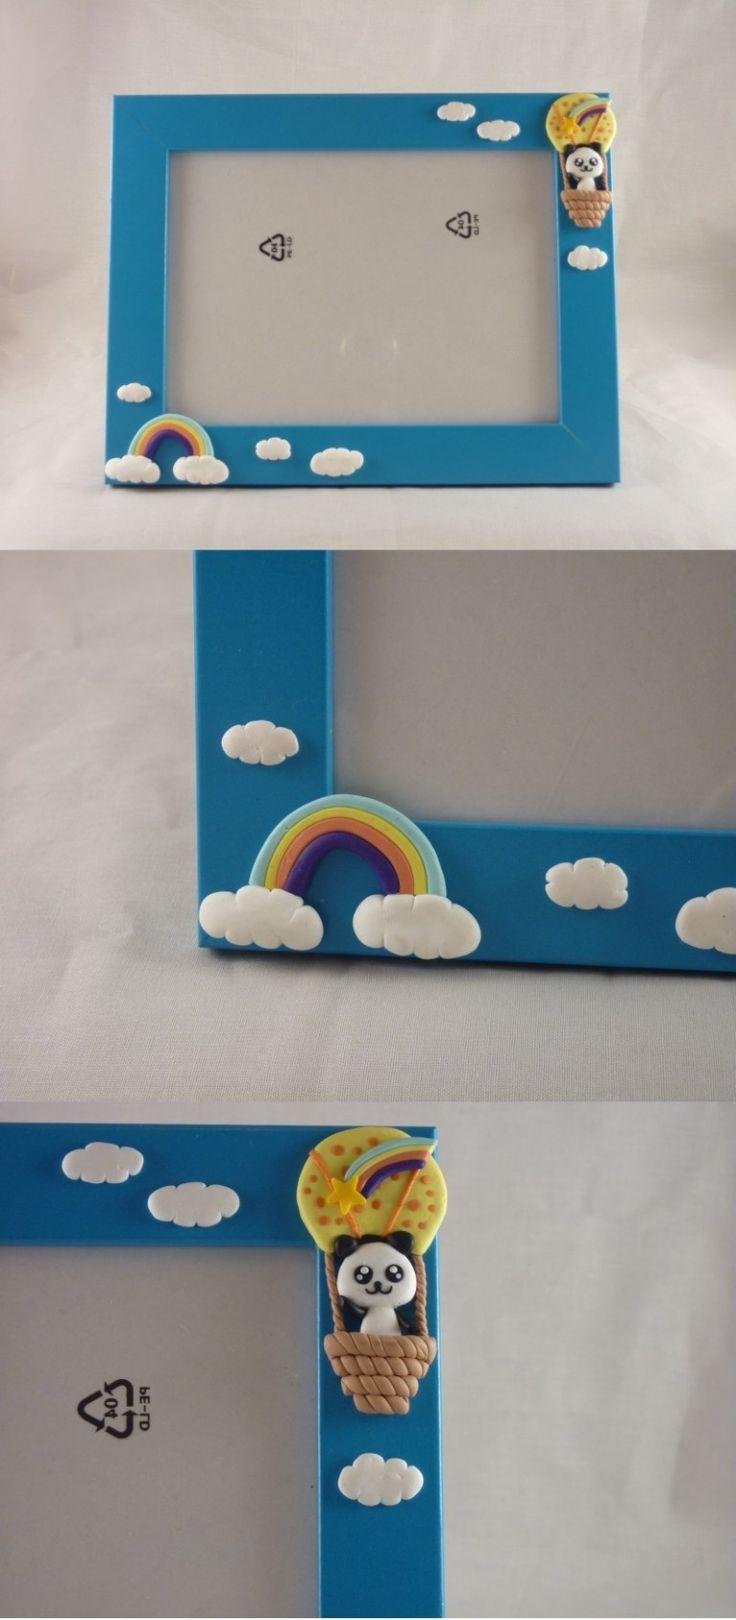 Cornice con decorazioni in FIMO fatte a mano di un panda ed un arcobaleno - Frame decorated with rainbow and hot-air ballon with panda in fimo polymer clay handmade